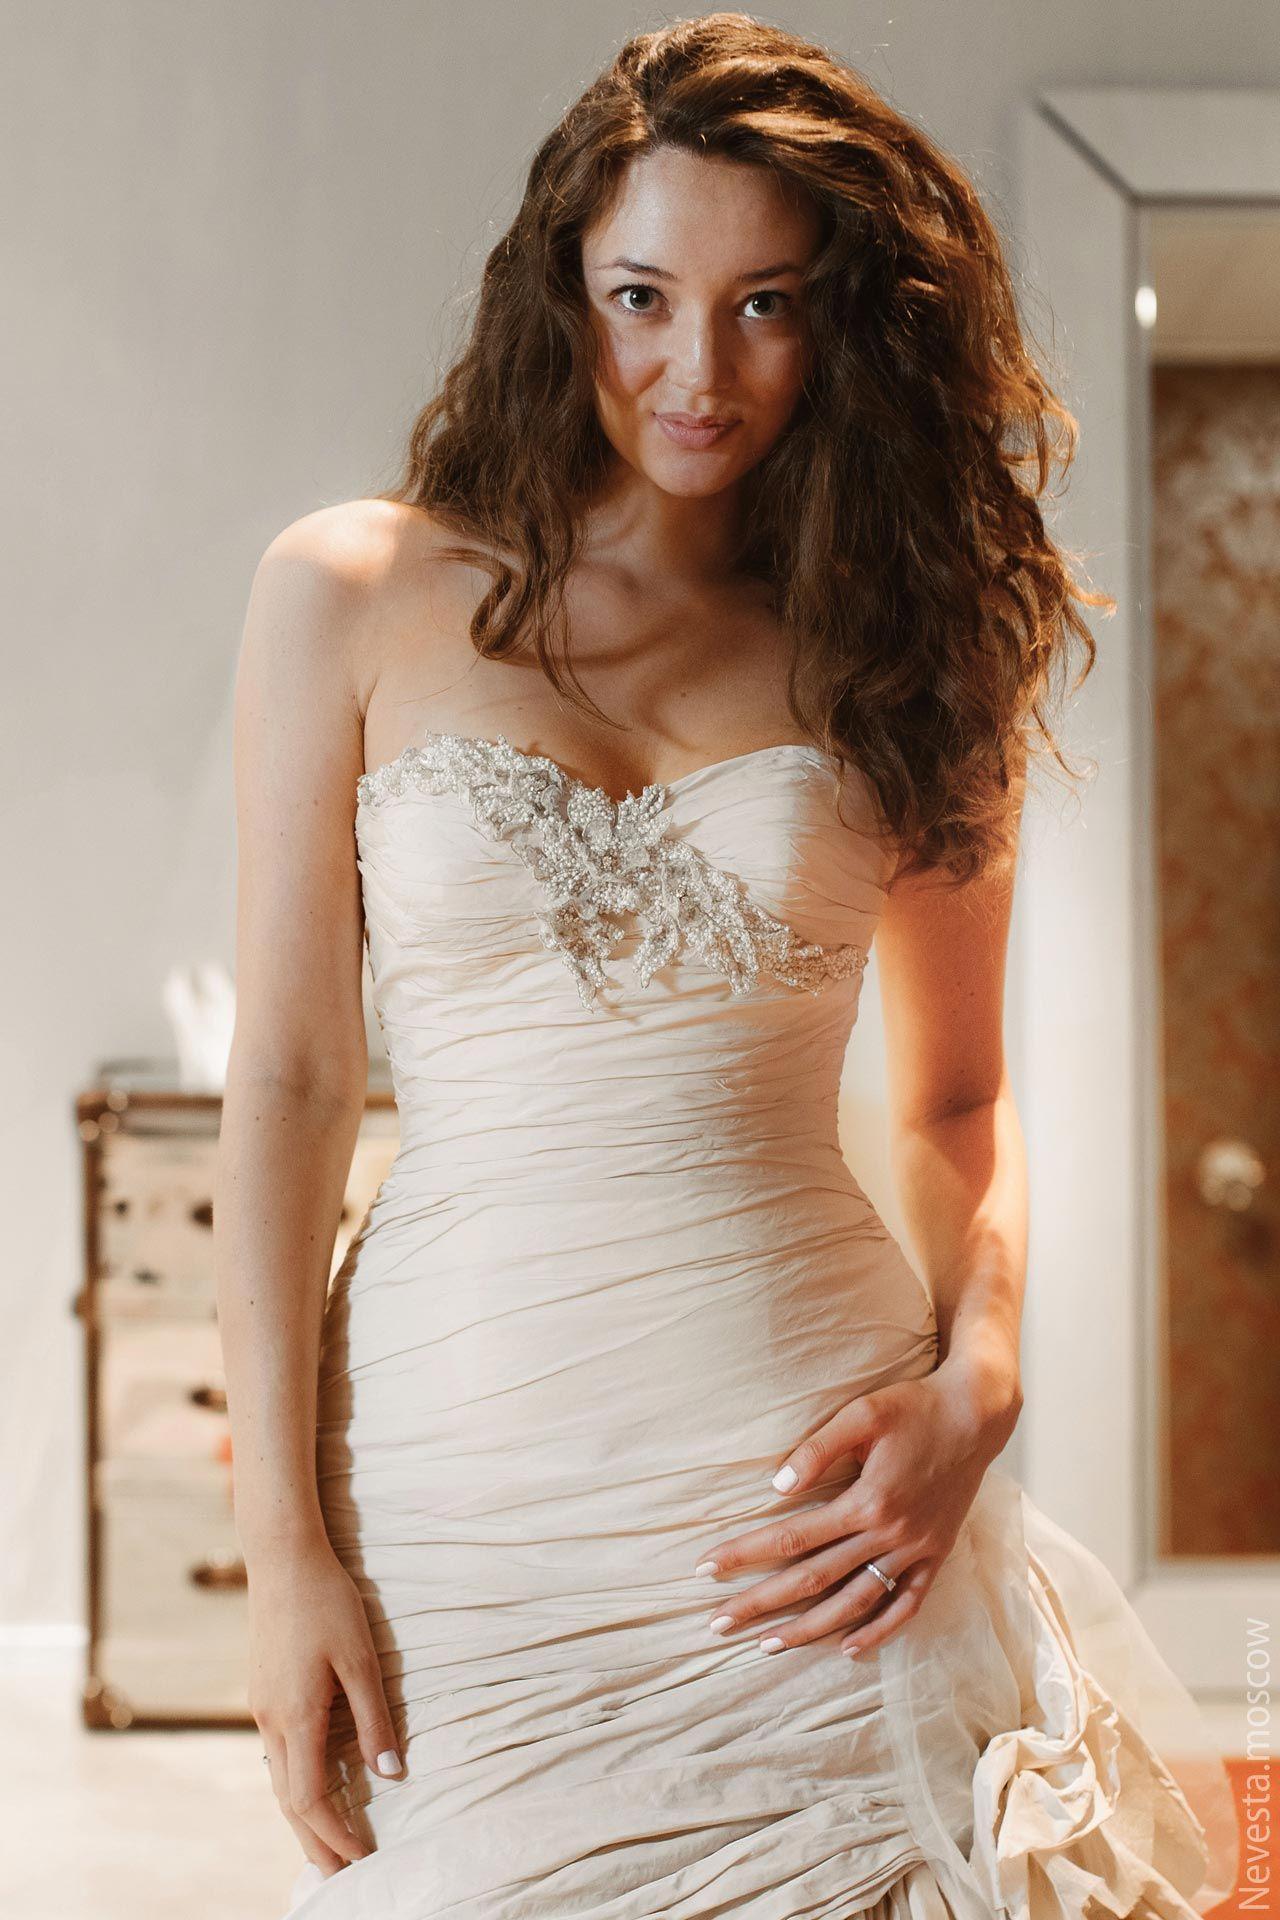 Рената Байкова примеряет свадебное платье фото 5